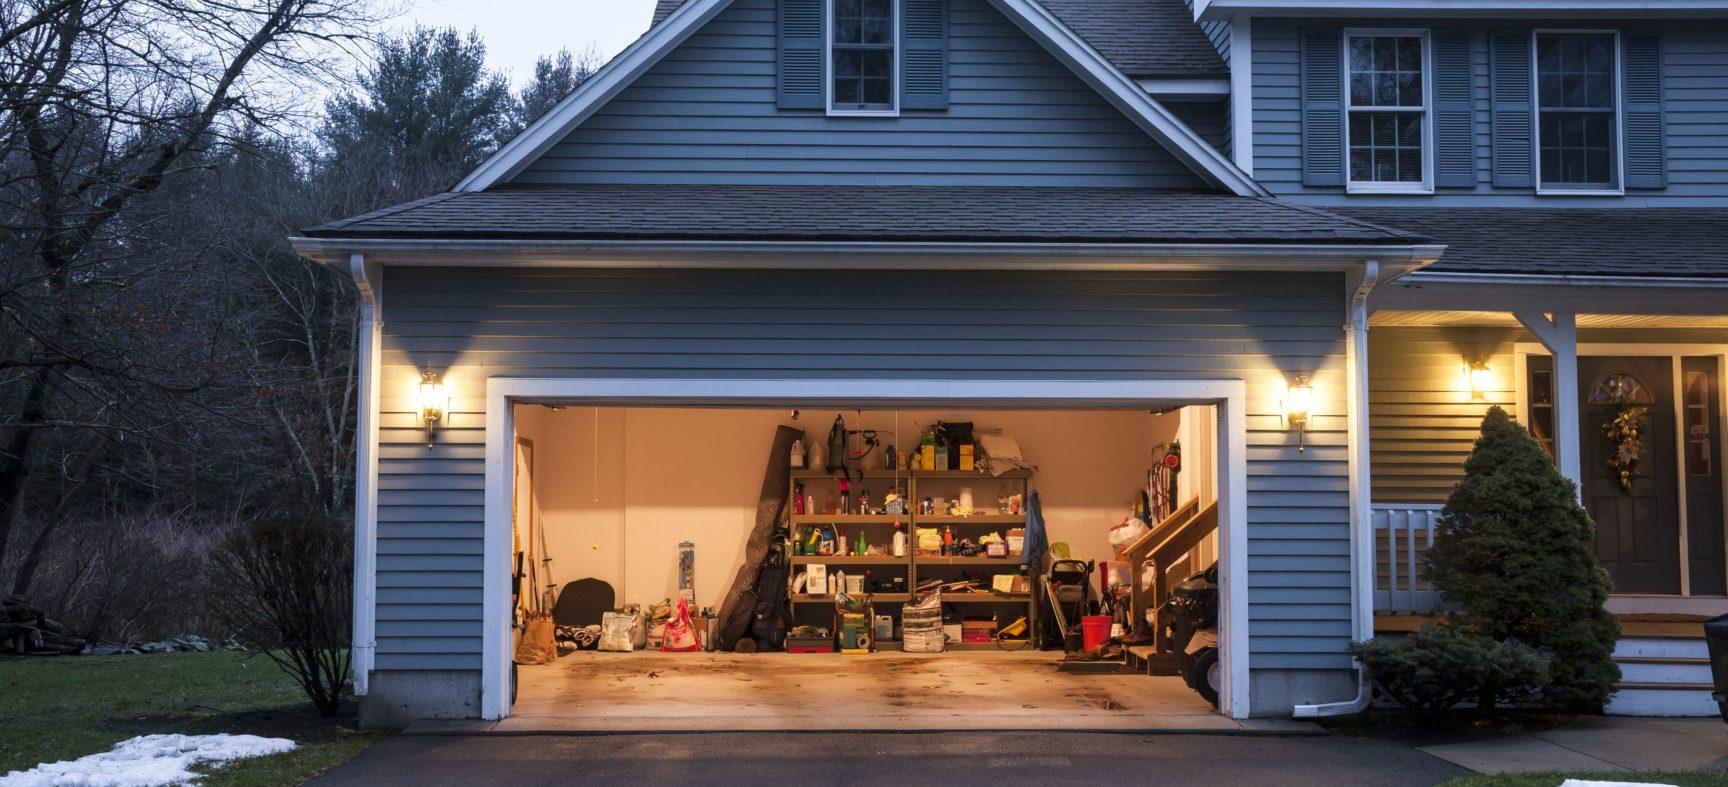 Automobili da assicurare anche se ferme in garage